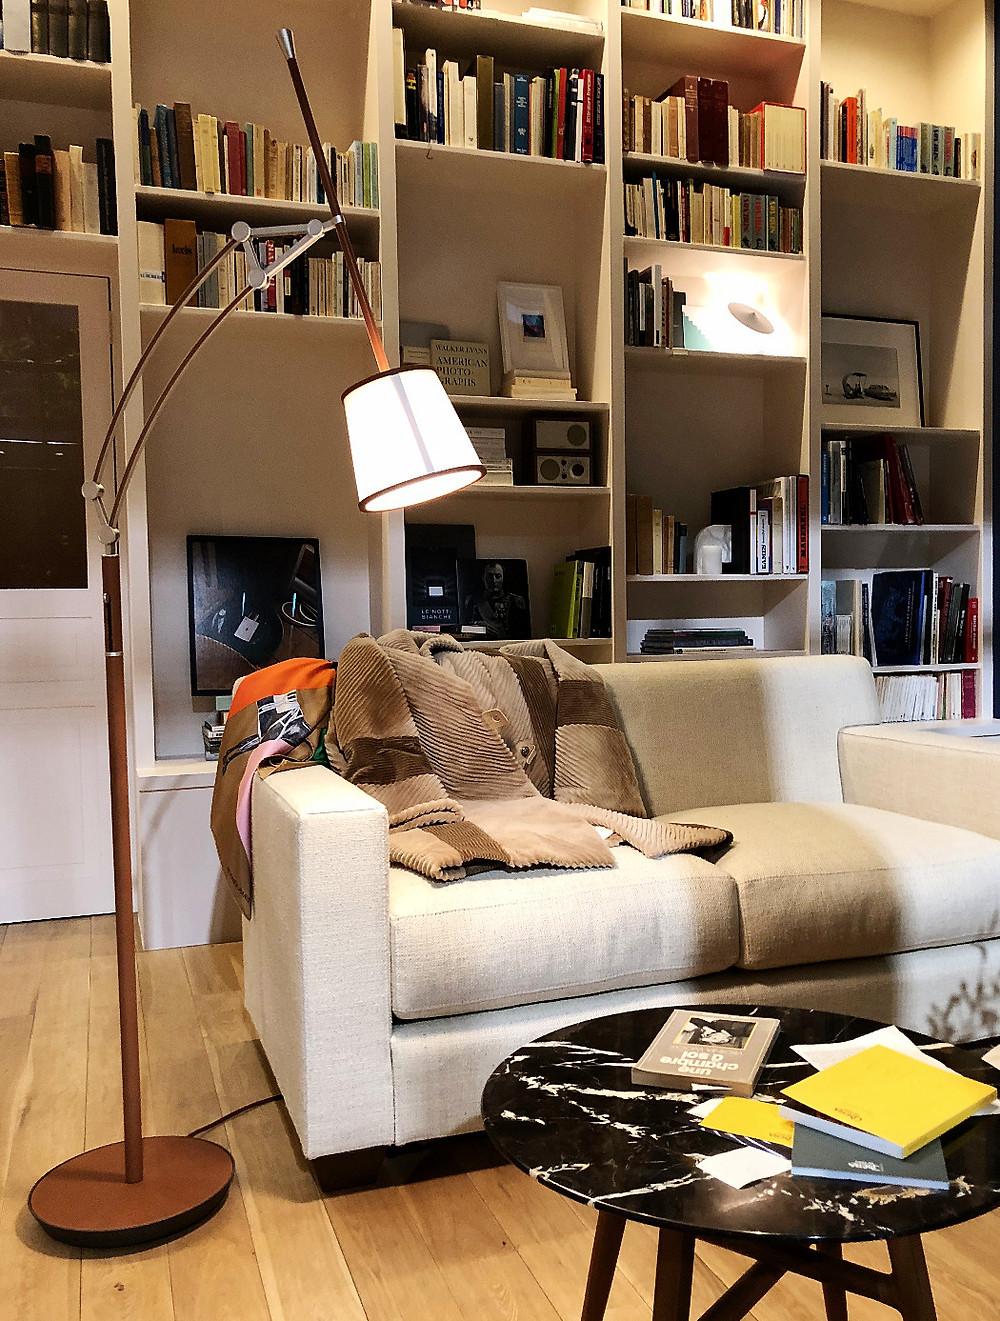 エルメスのインテリア実例。エルメスの家具が素敵なリビング。コーディネーターのブログ。